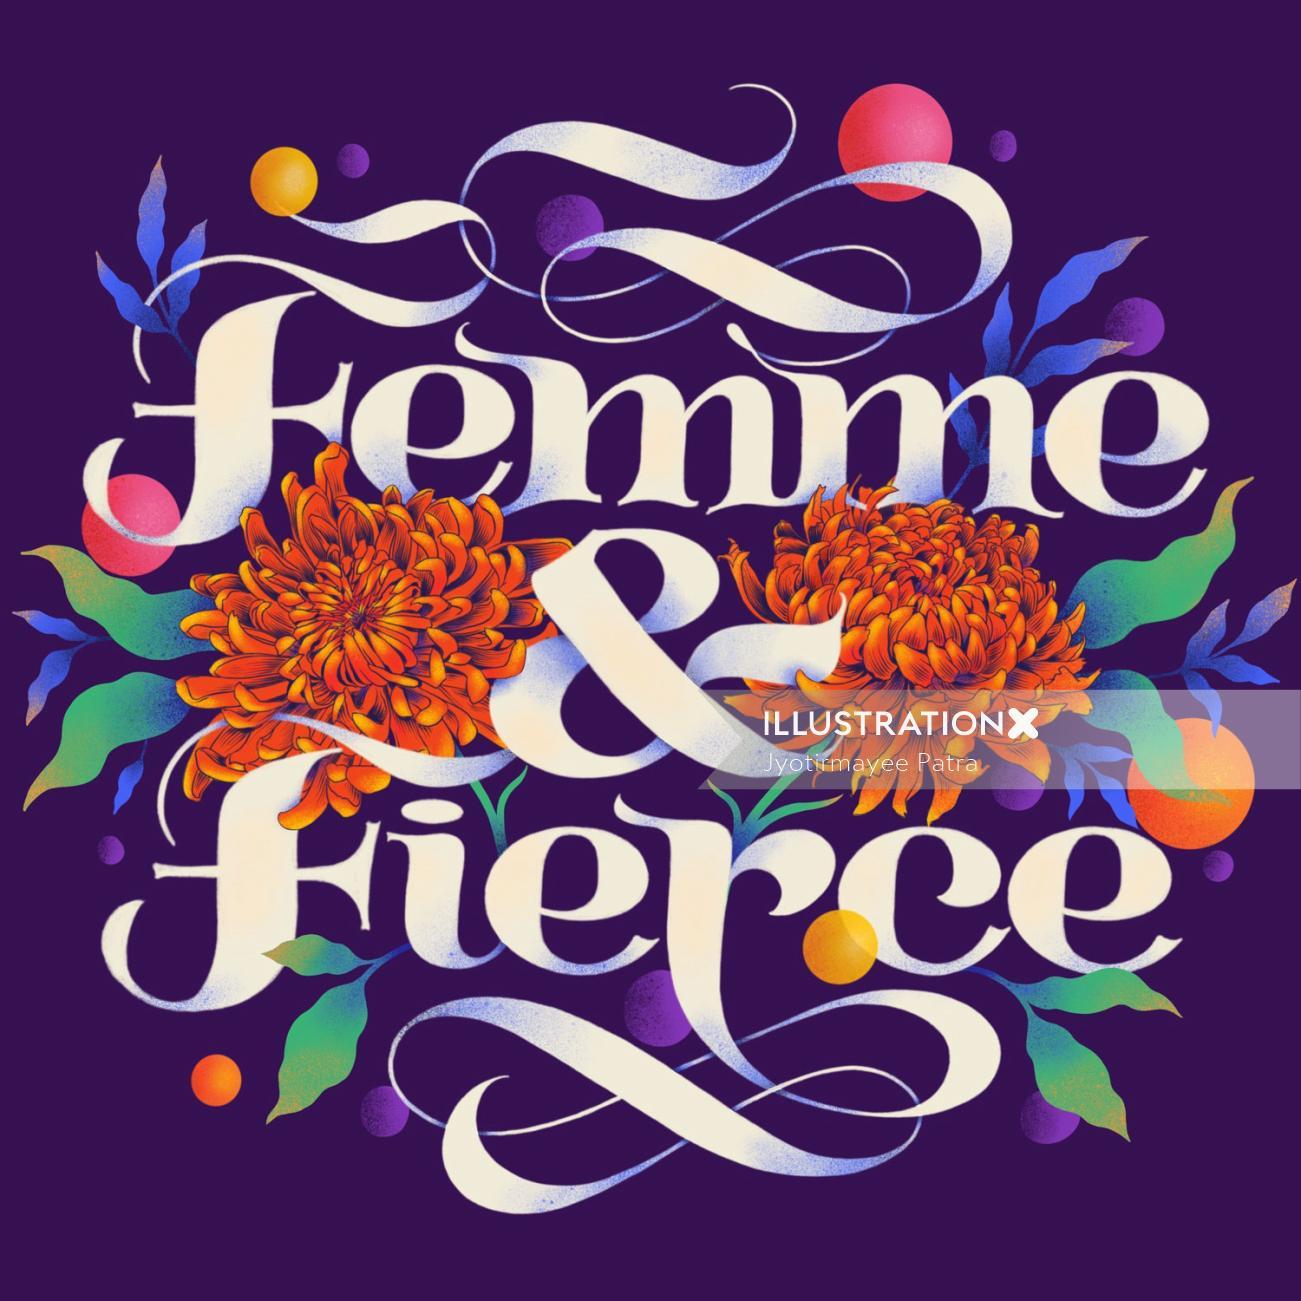 Social post for International Women's Day 2019 for Femme & Fierce